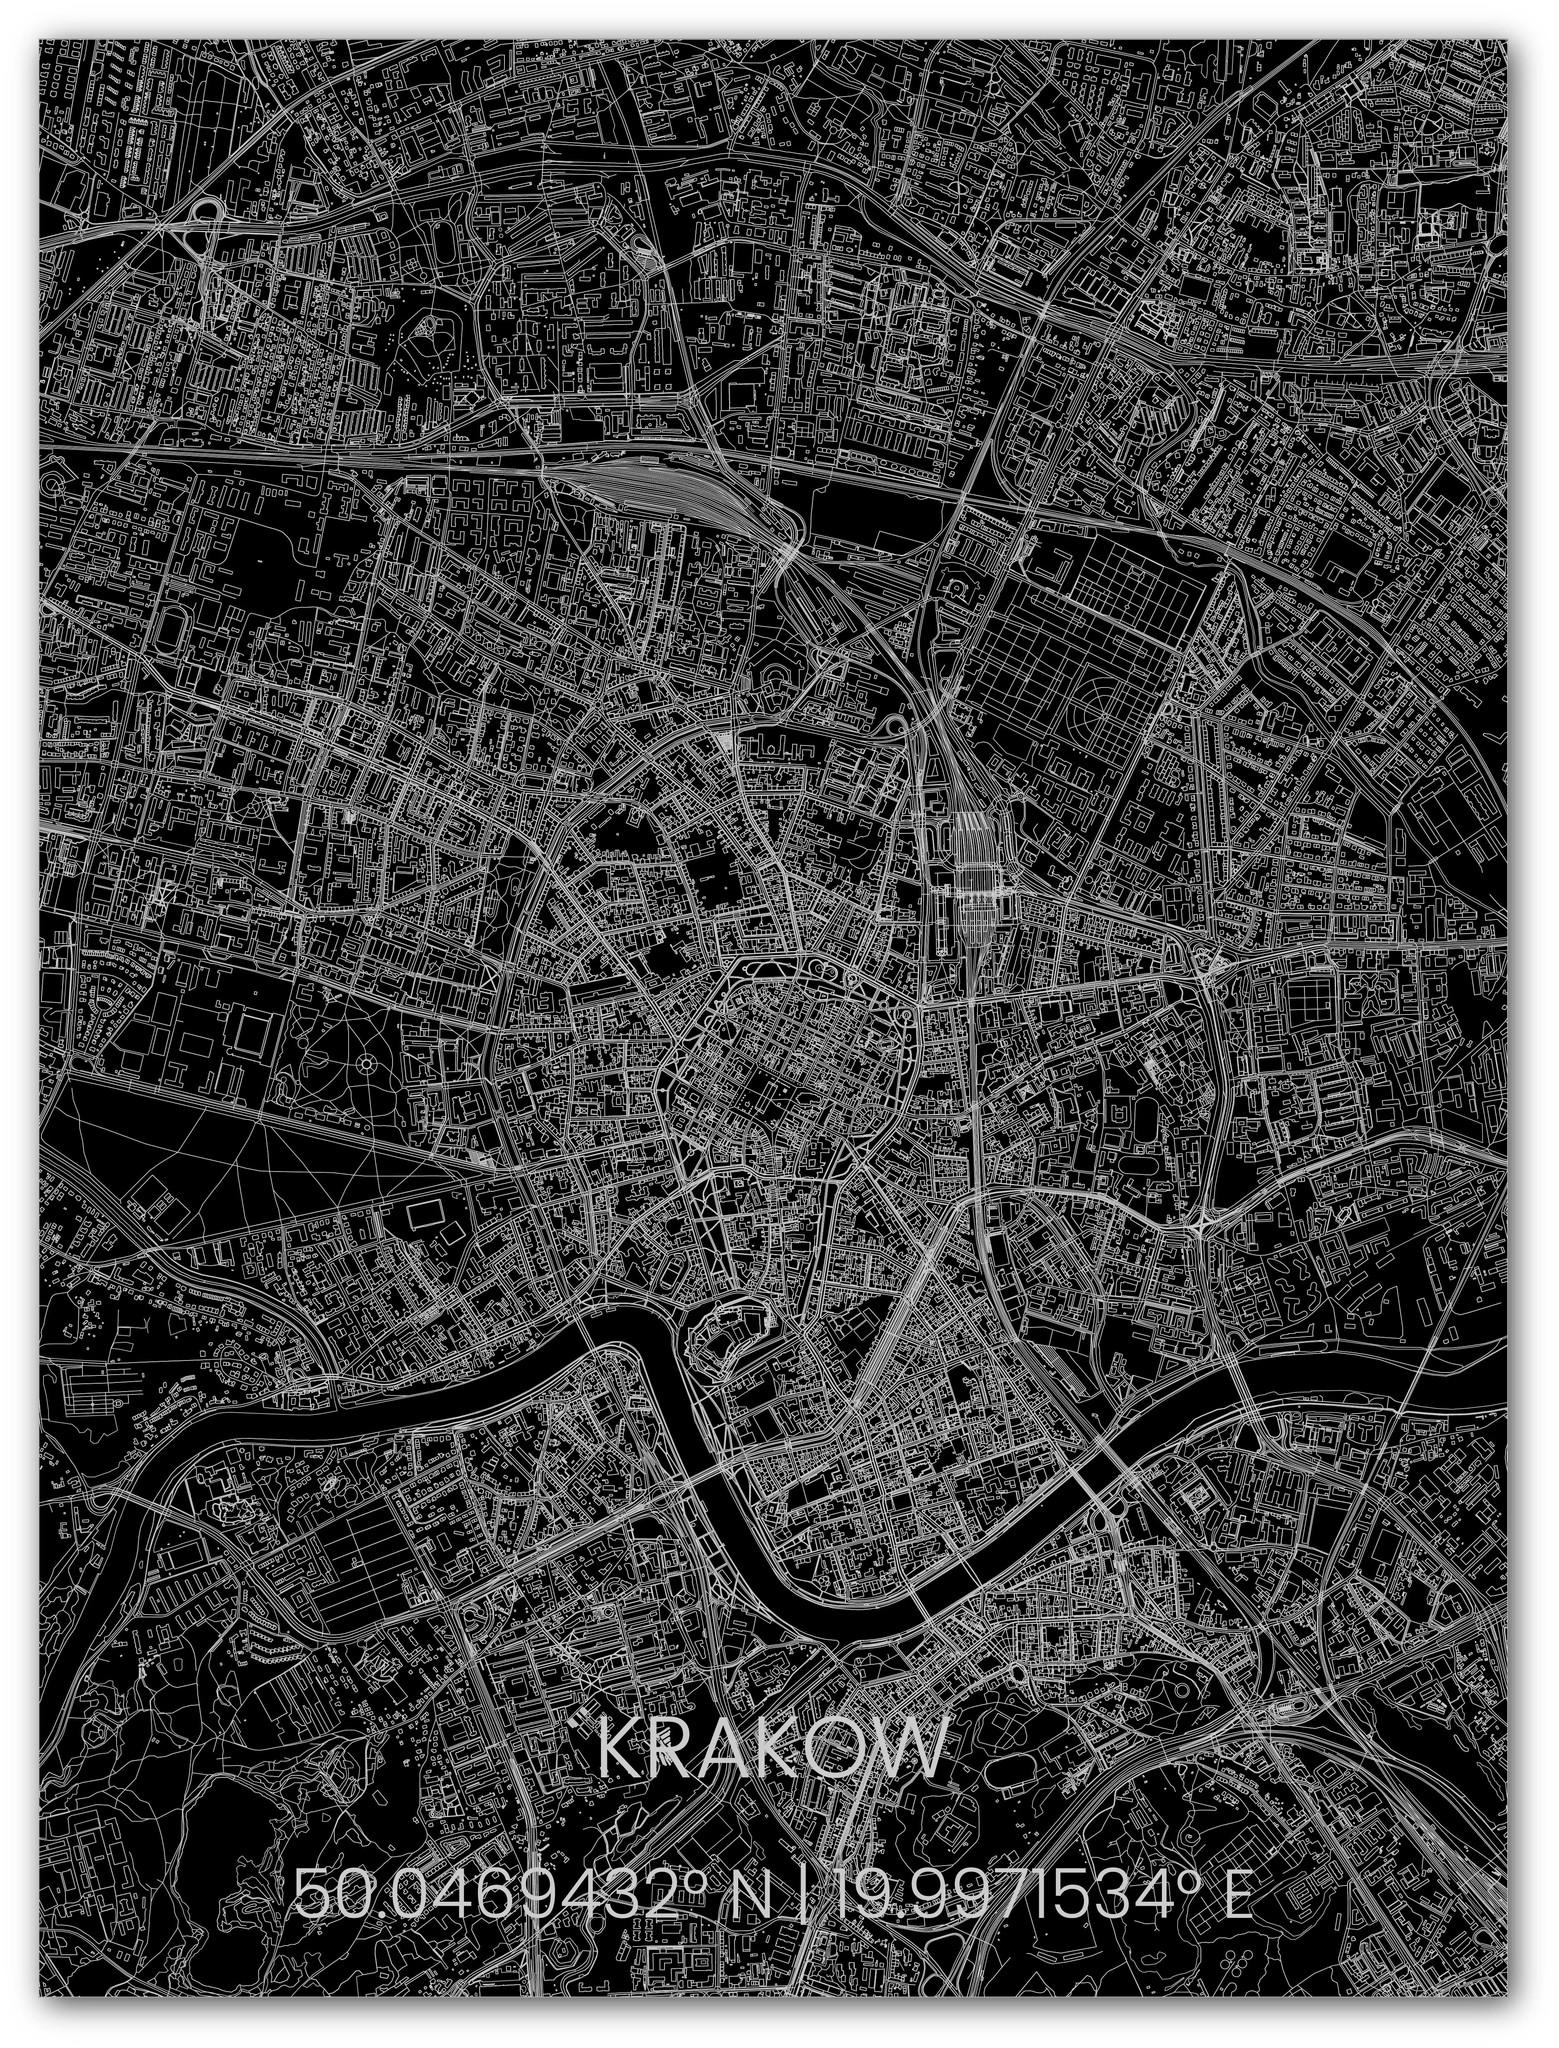 Stadtkarte Metal Krakau-1